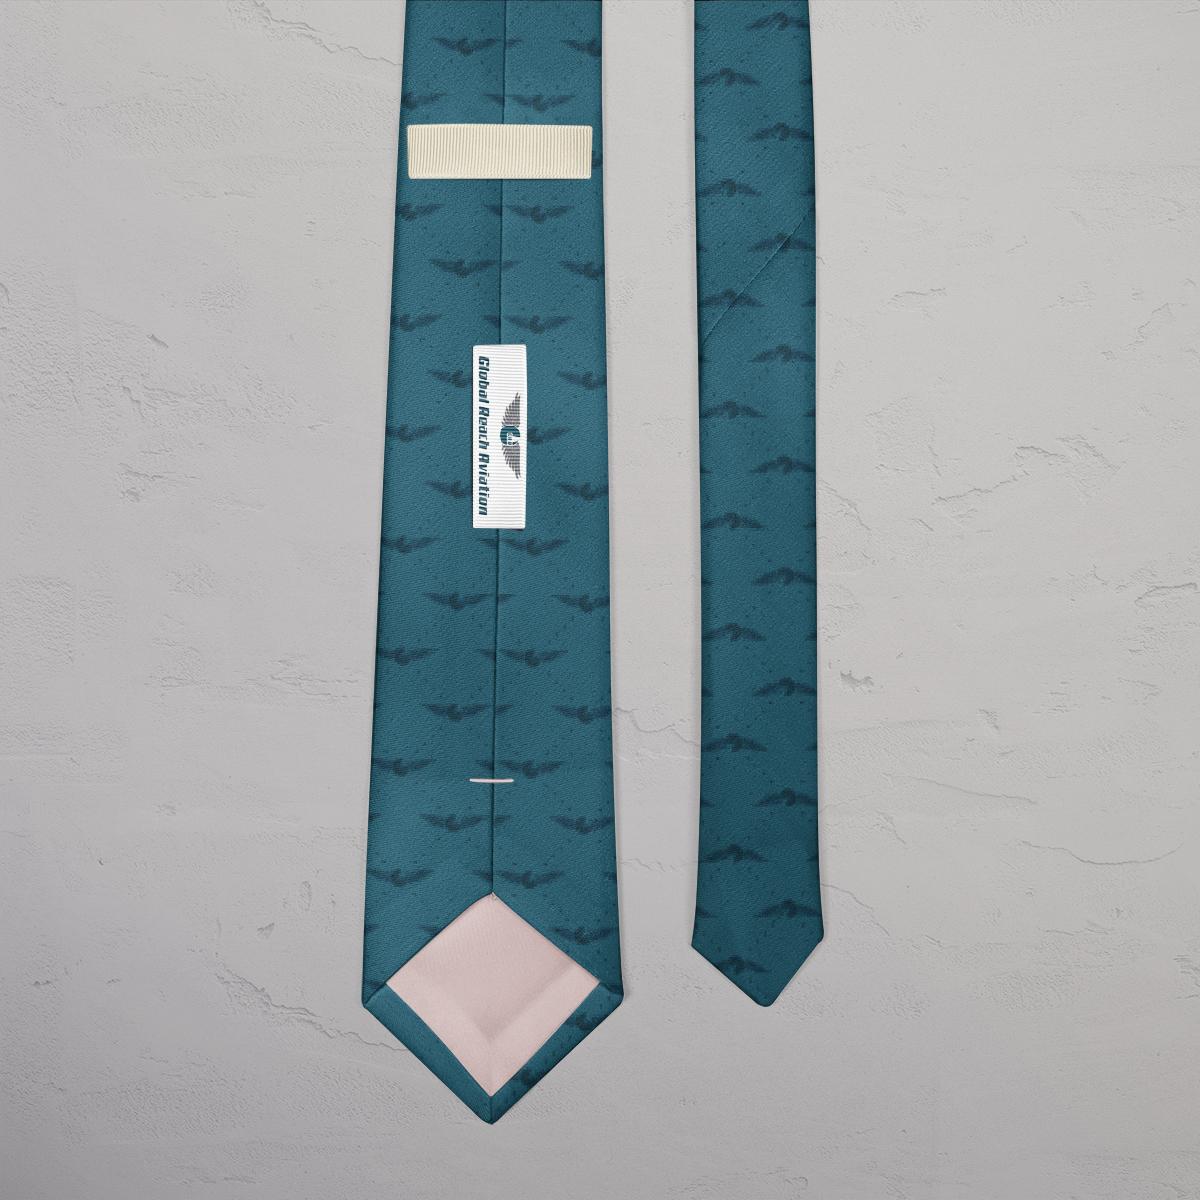 Design af slips til Global Reach Aviation lavet af Little Creature Ink